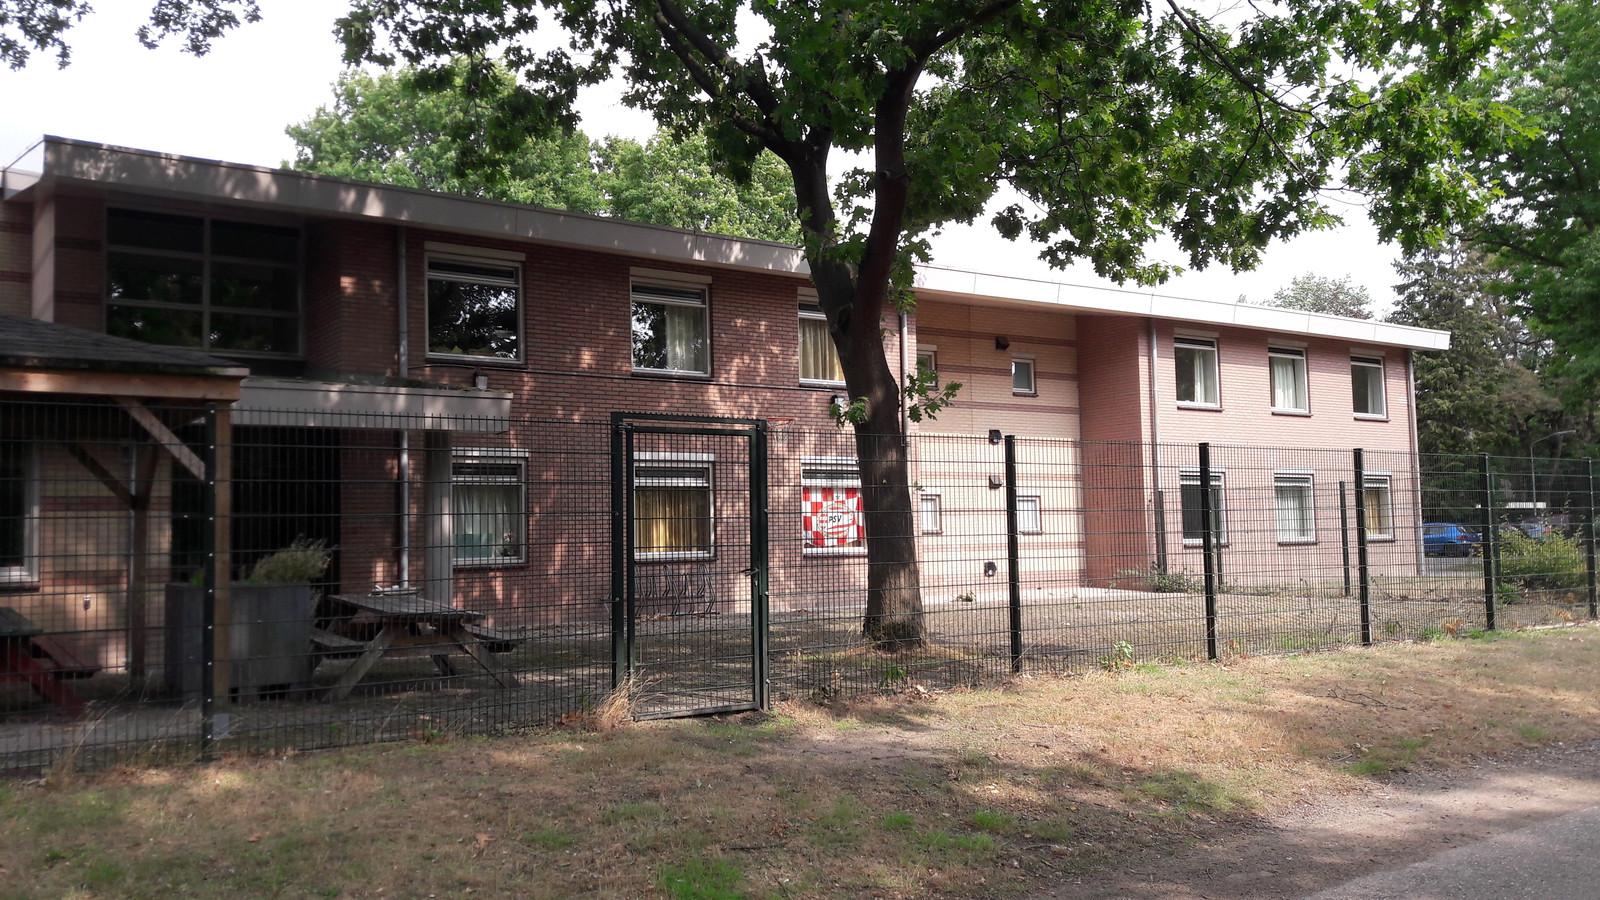 Eén van de woongebouwen van Vreekwijk met omheining rond het buitenterras.